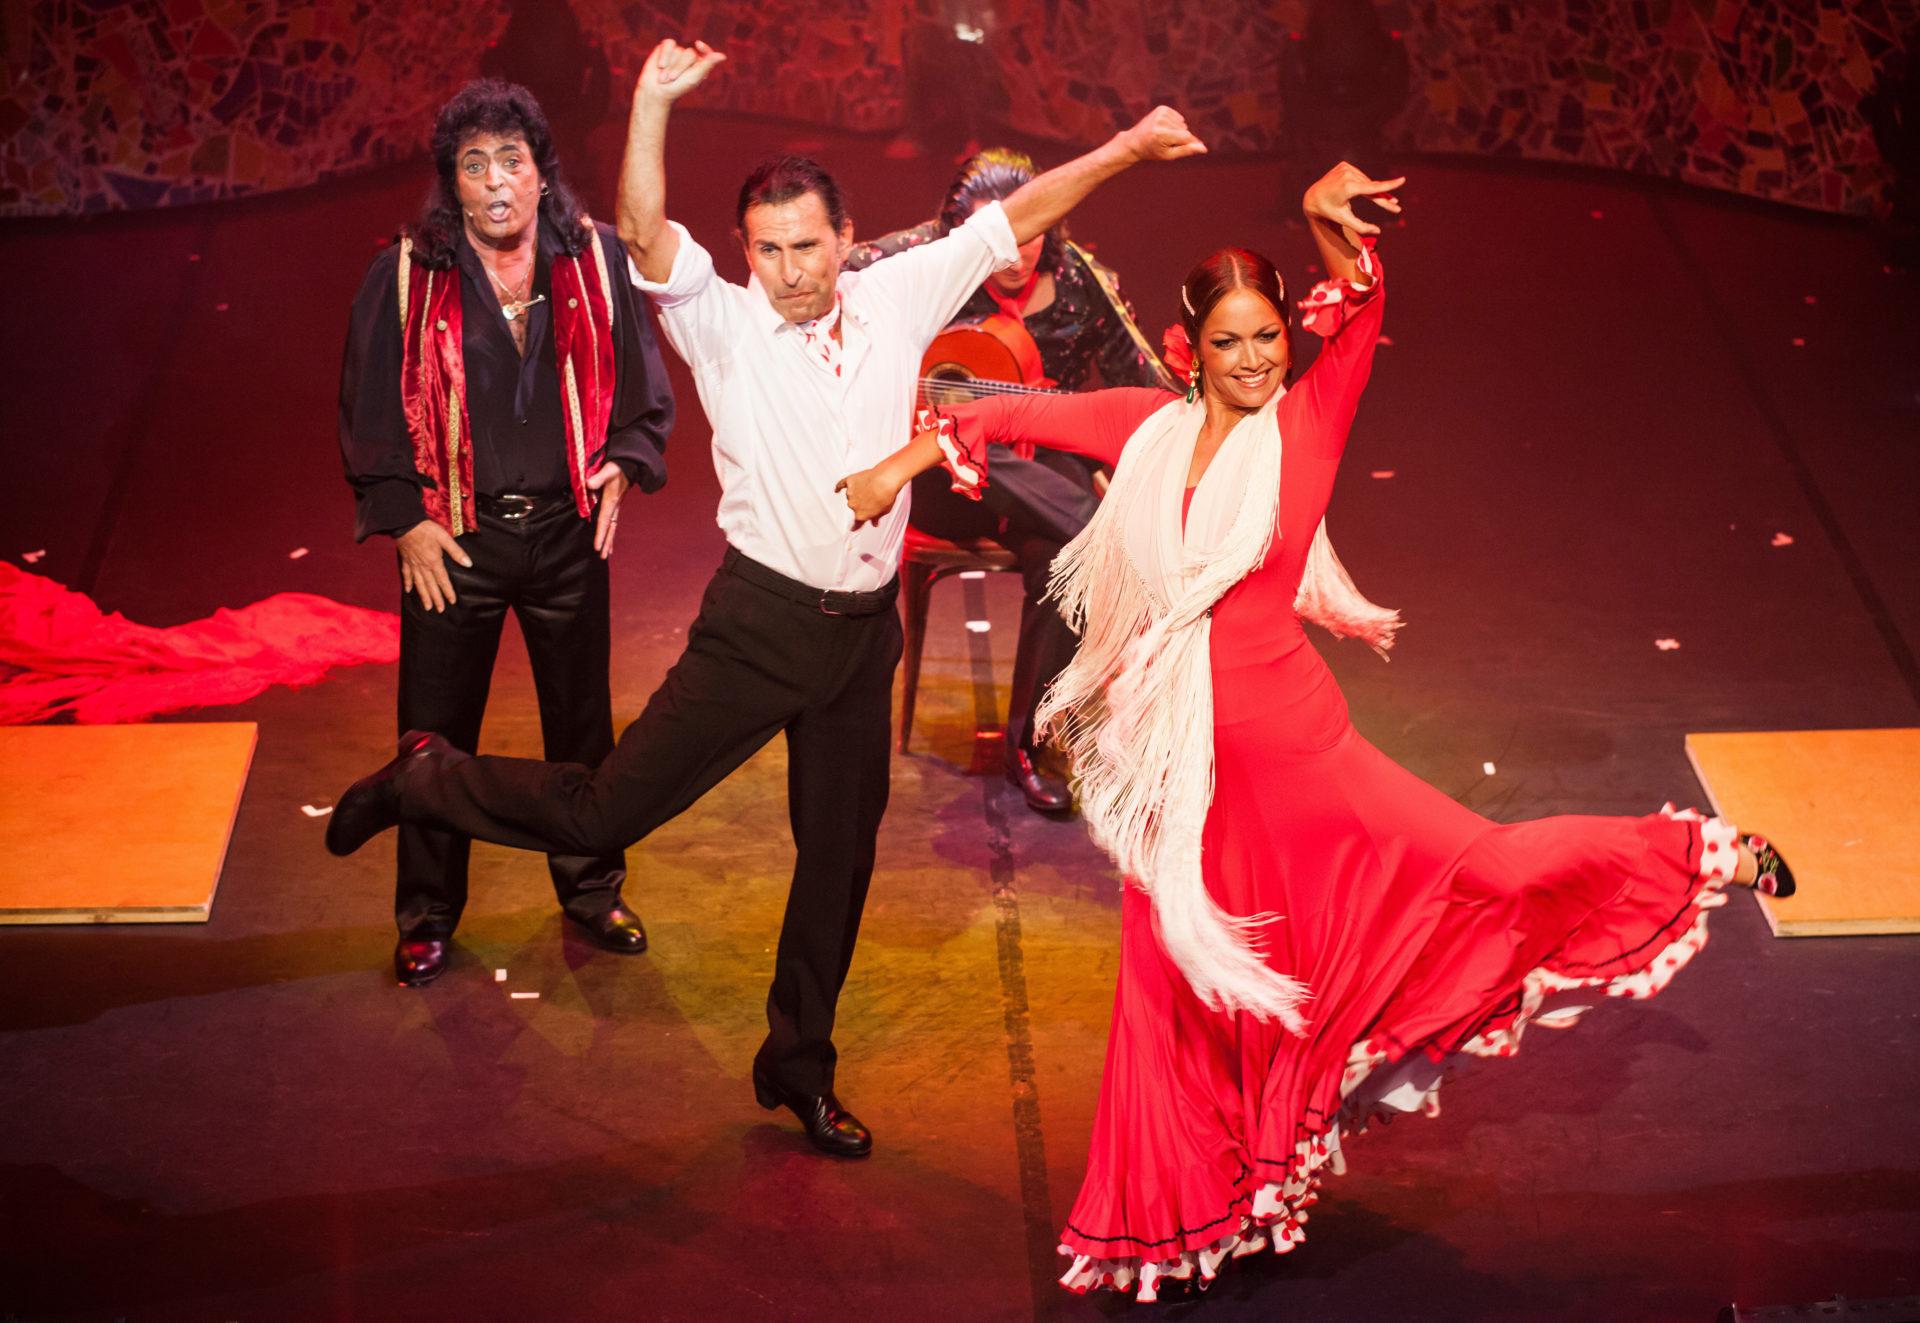 Flamenco Paartanz auf der Bühne mit Sänger und Gitarrist